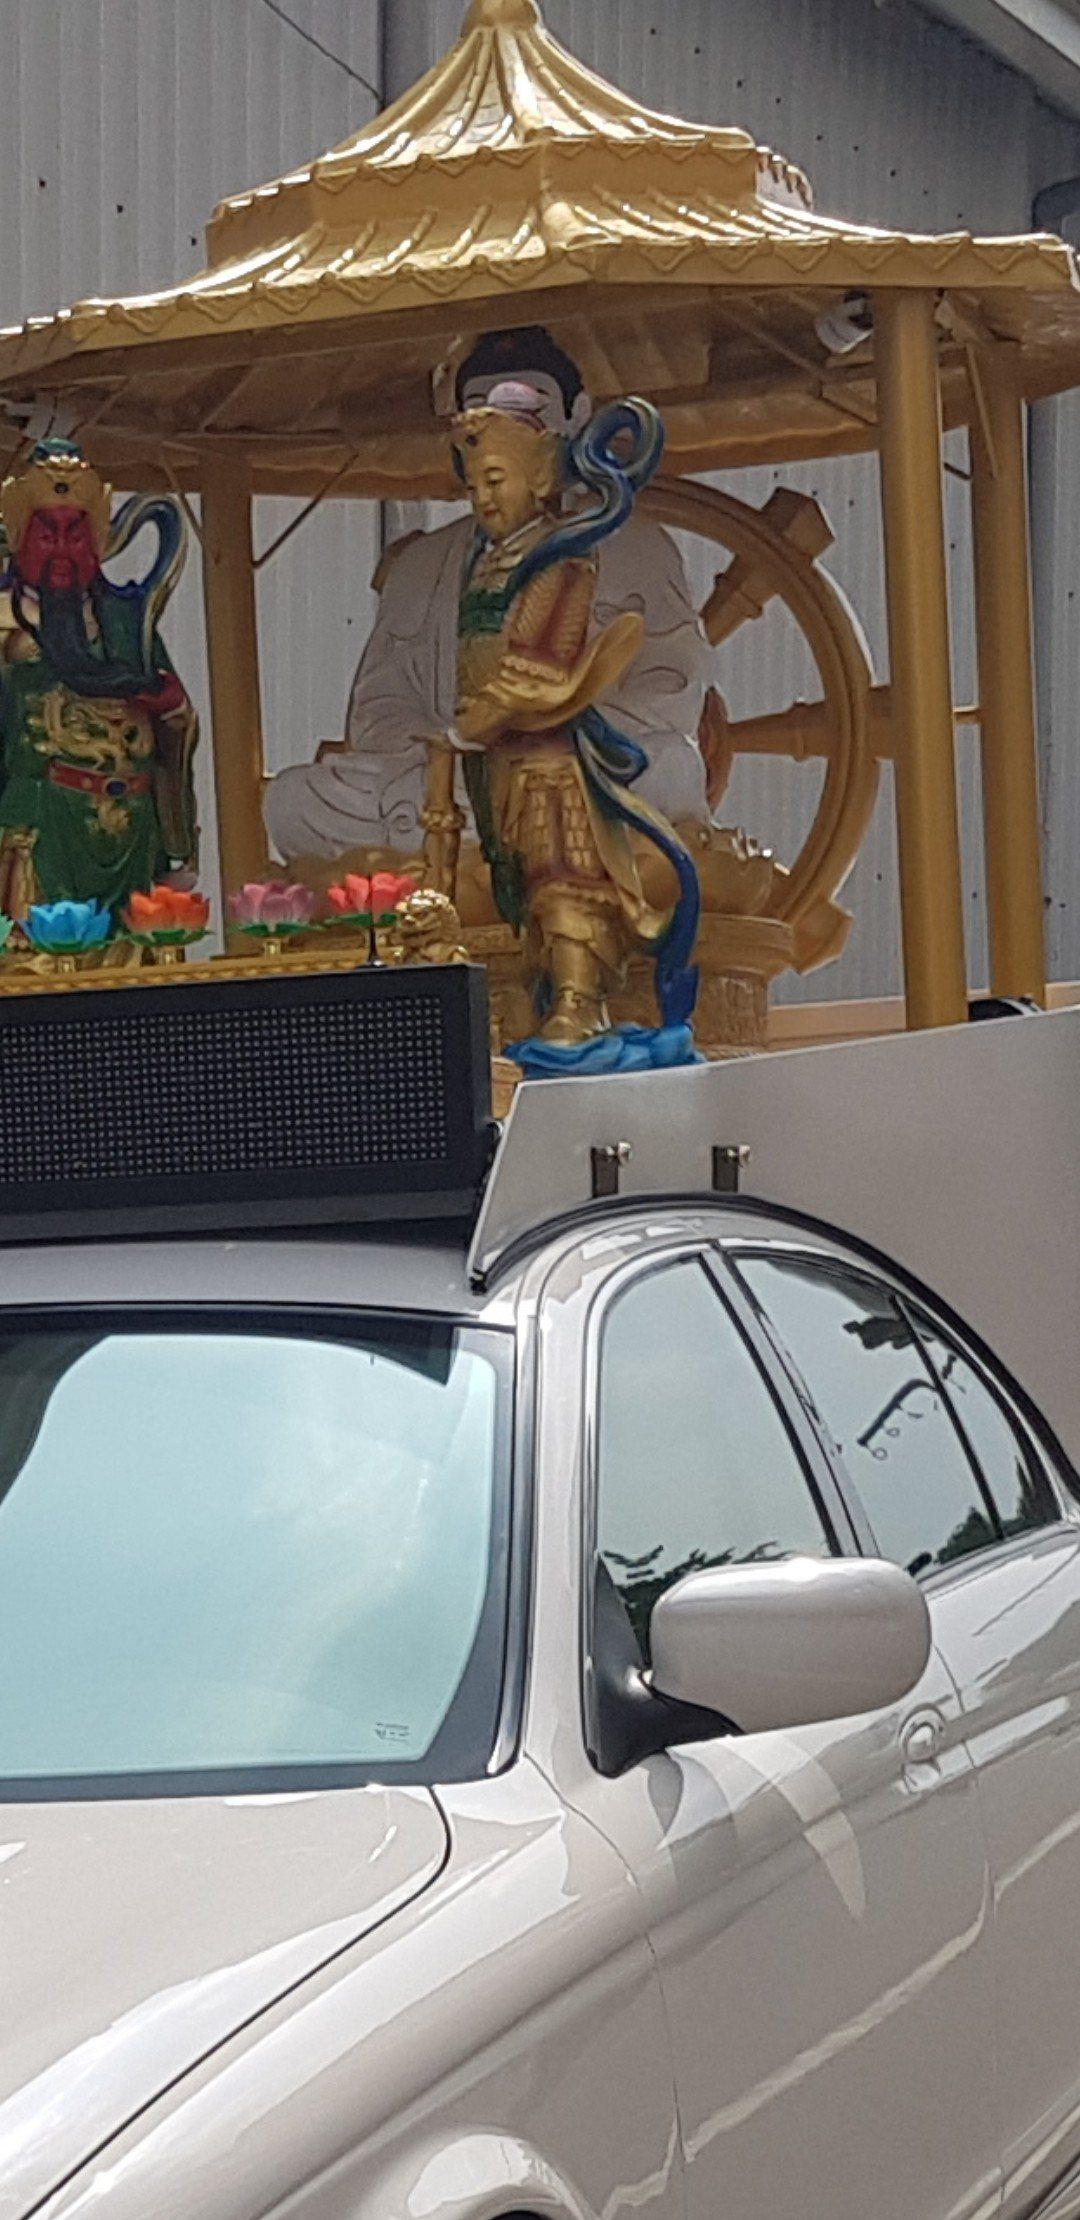 台南路邊停車數百萬的名車上卻揹著神壇。圖/網友提供